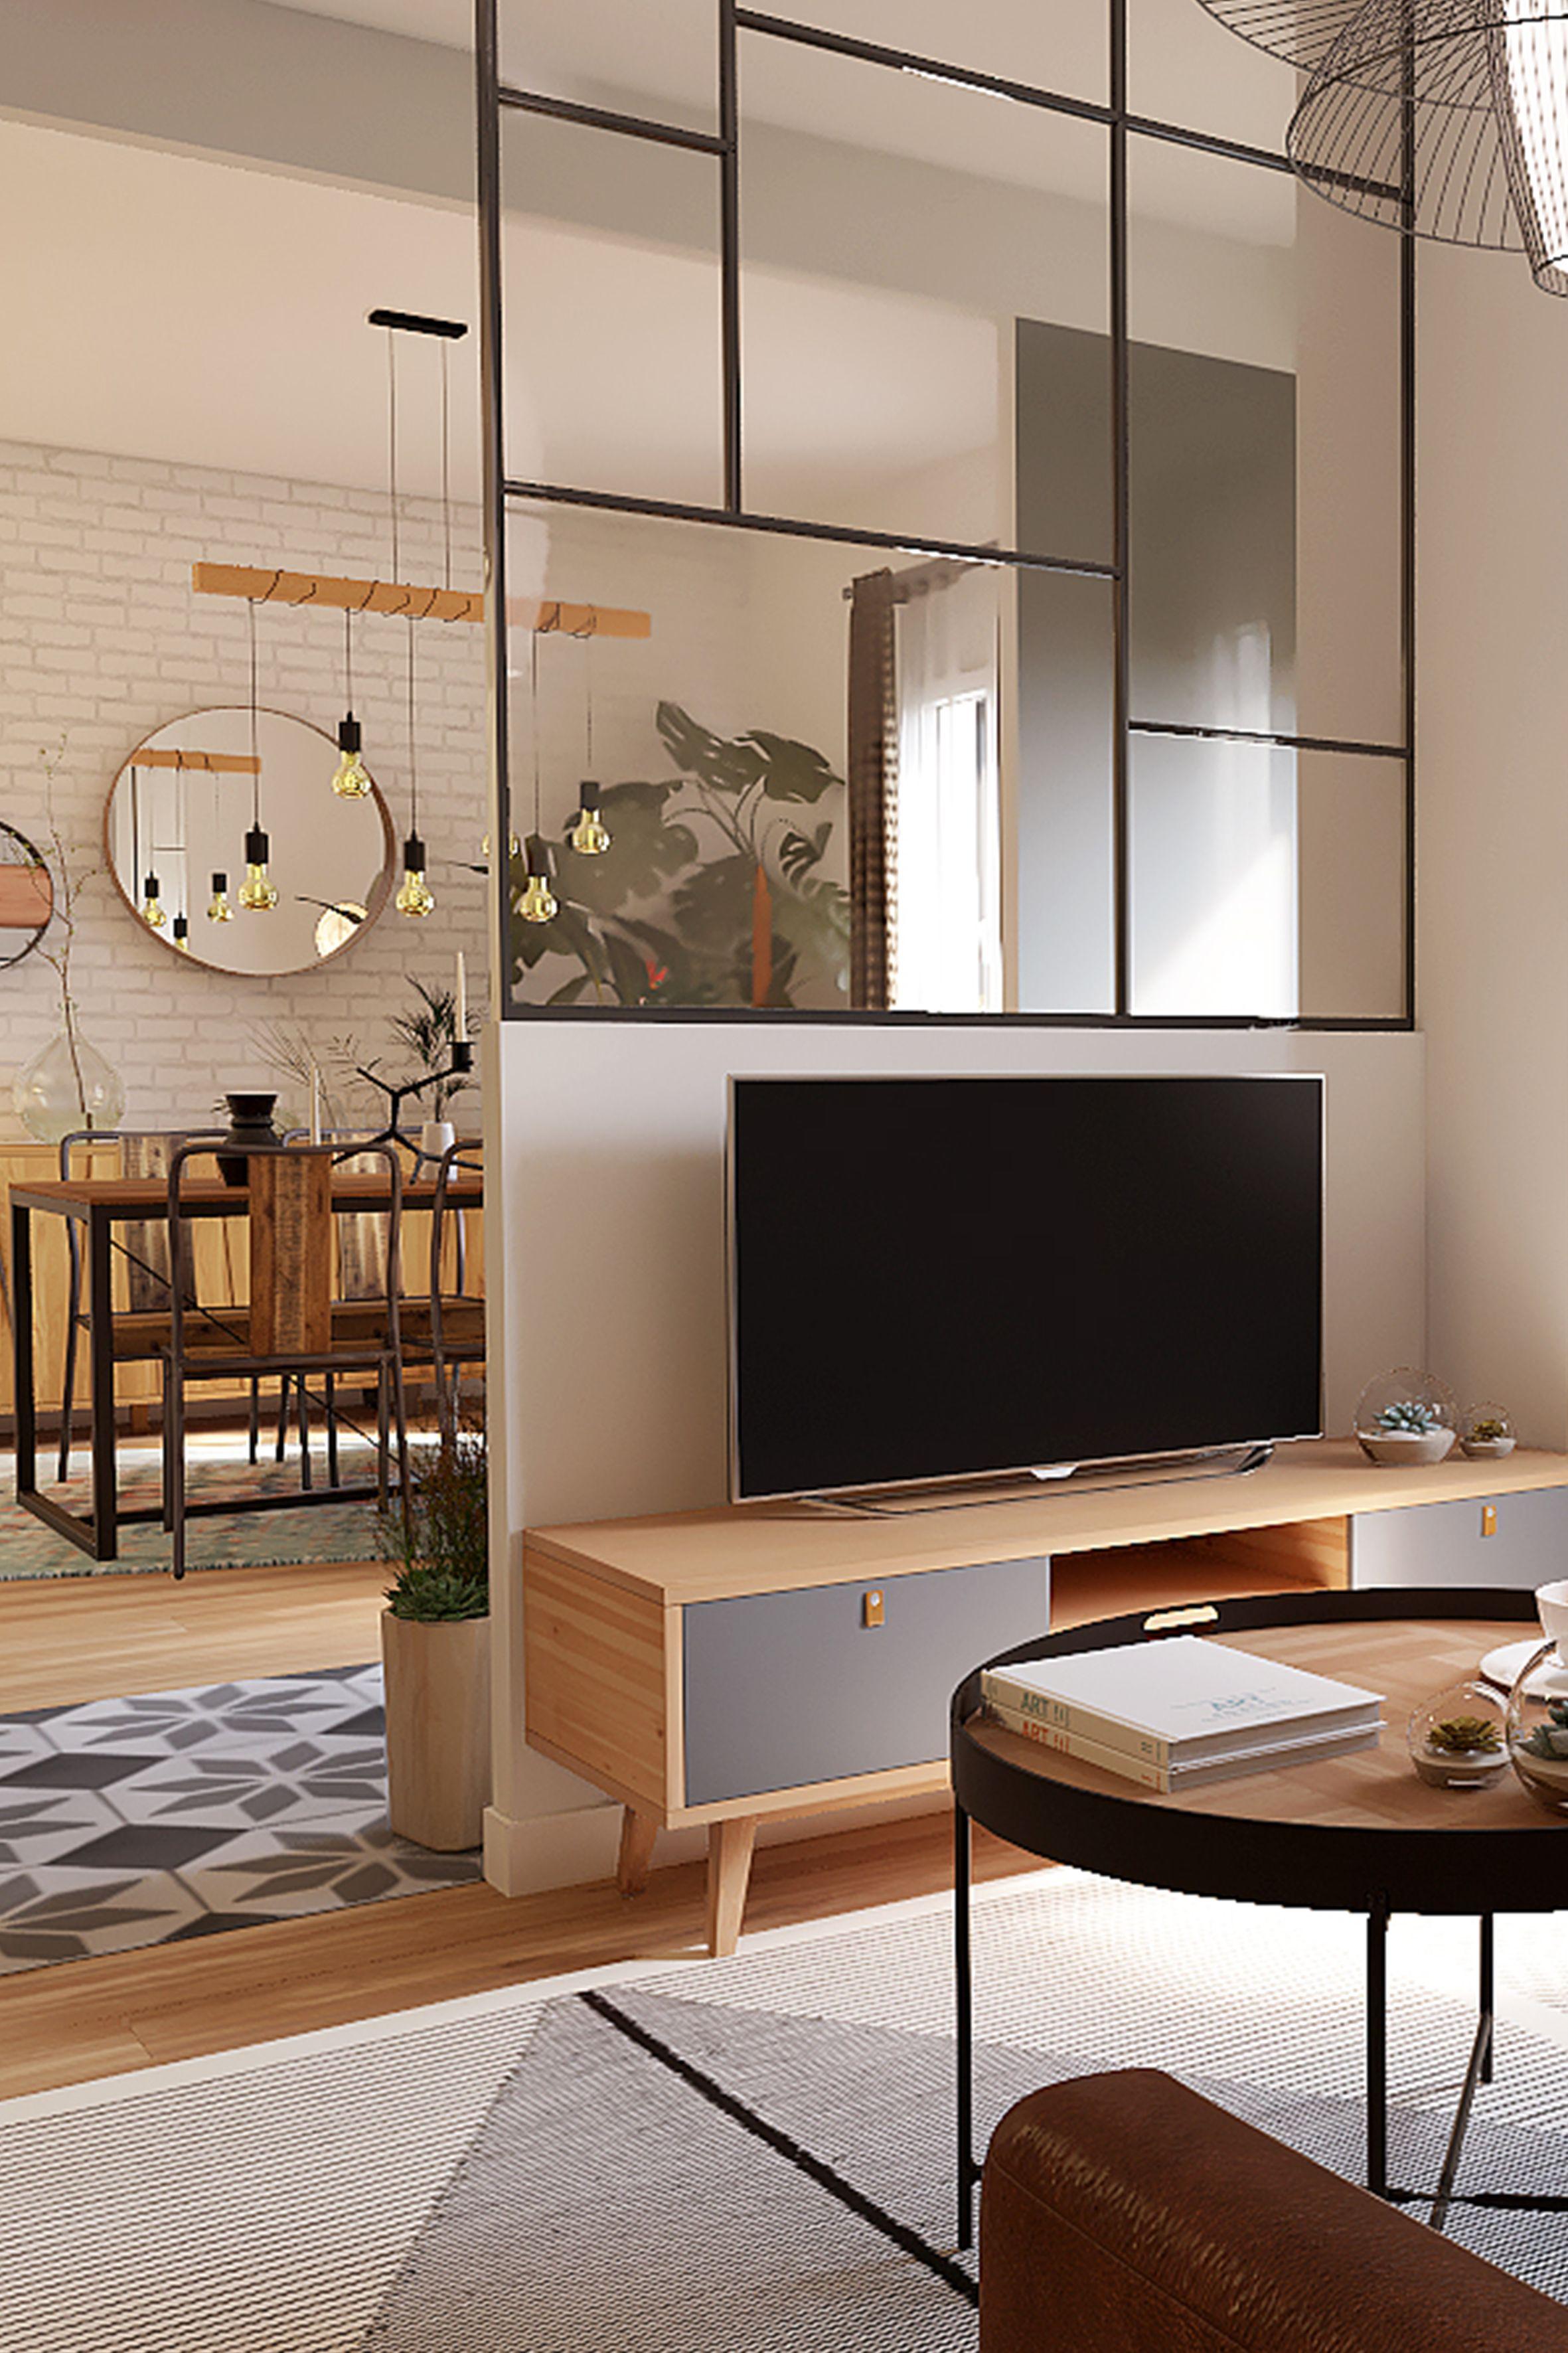 Salon Cuisine Style Industriel battle dÉco 6 : décorer une pièce de vie style industriel